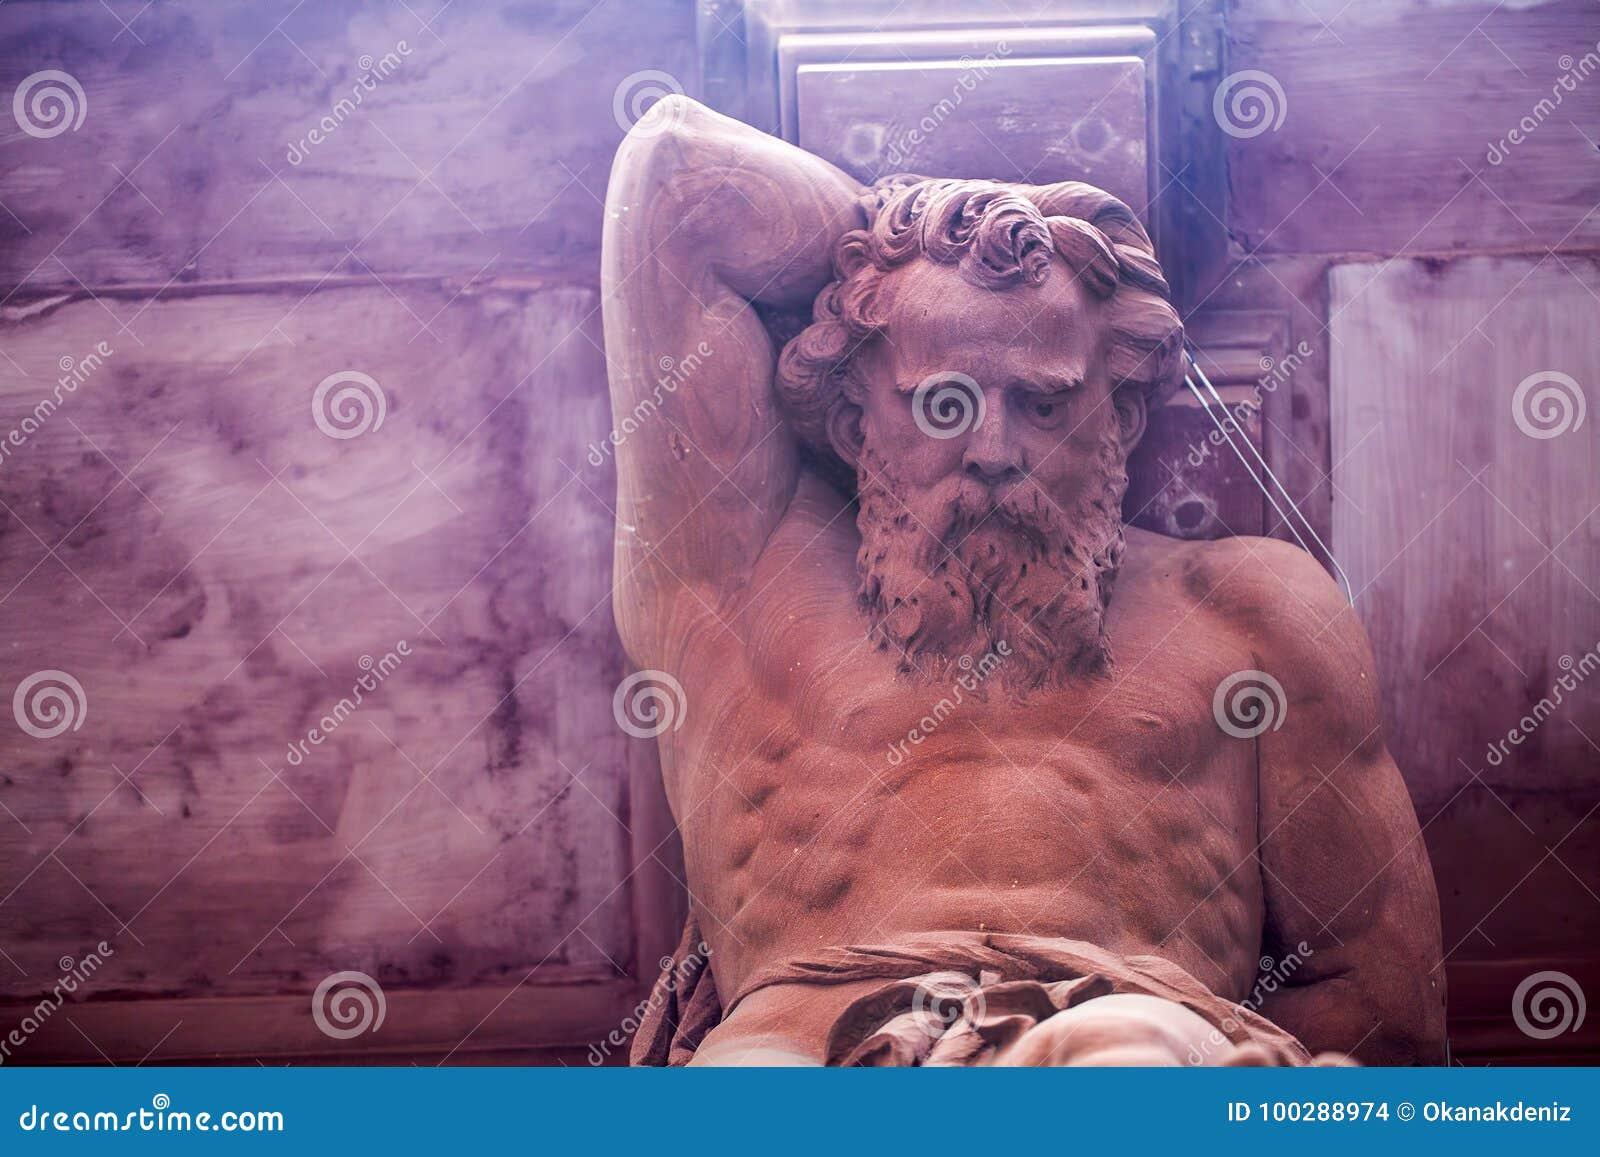 Standbeeld van de mythologie het Griekse God